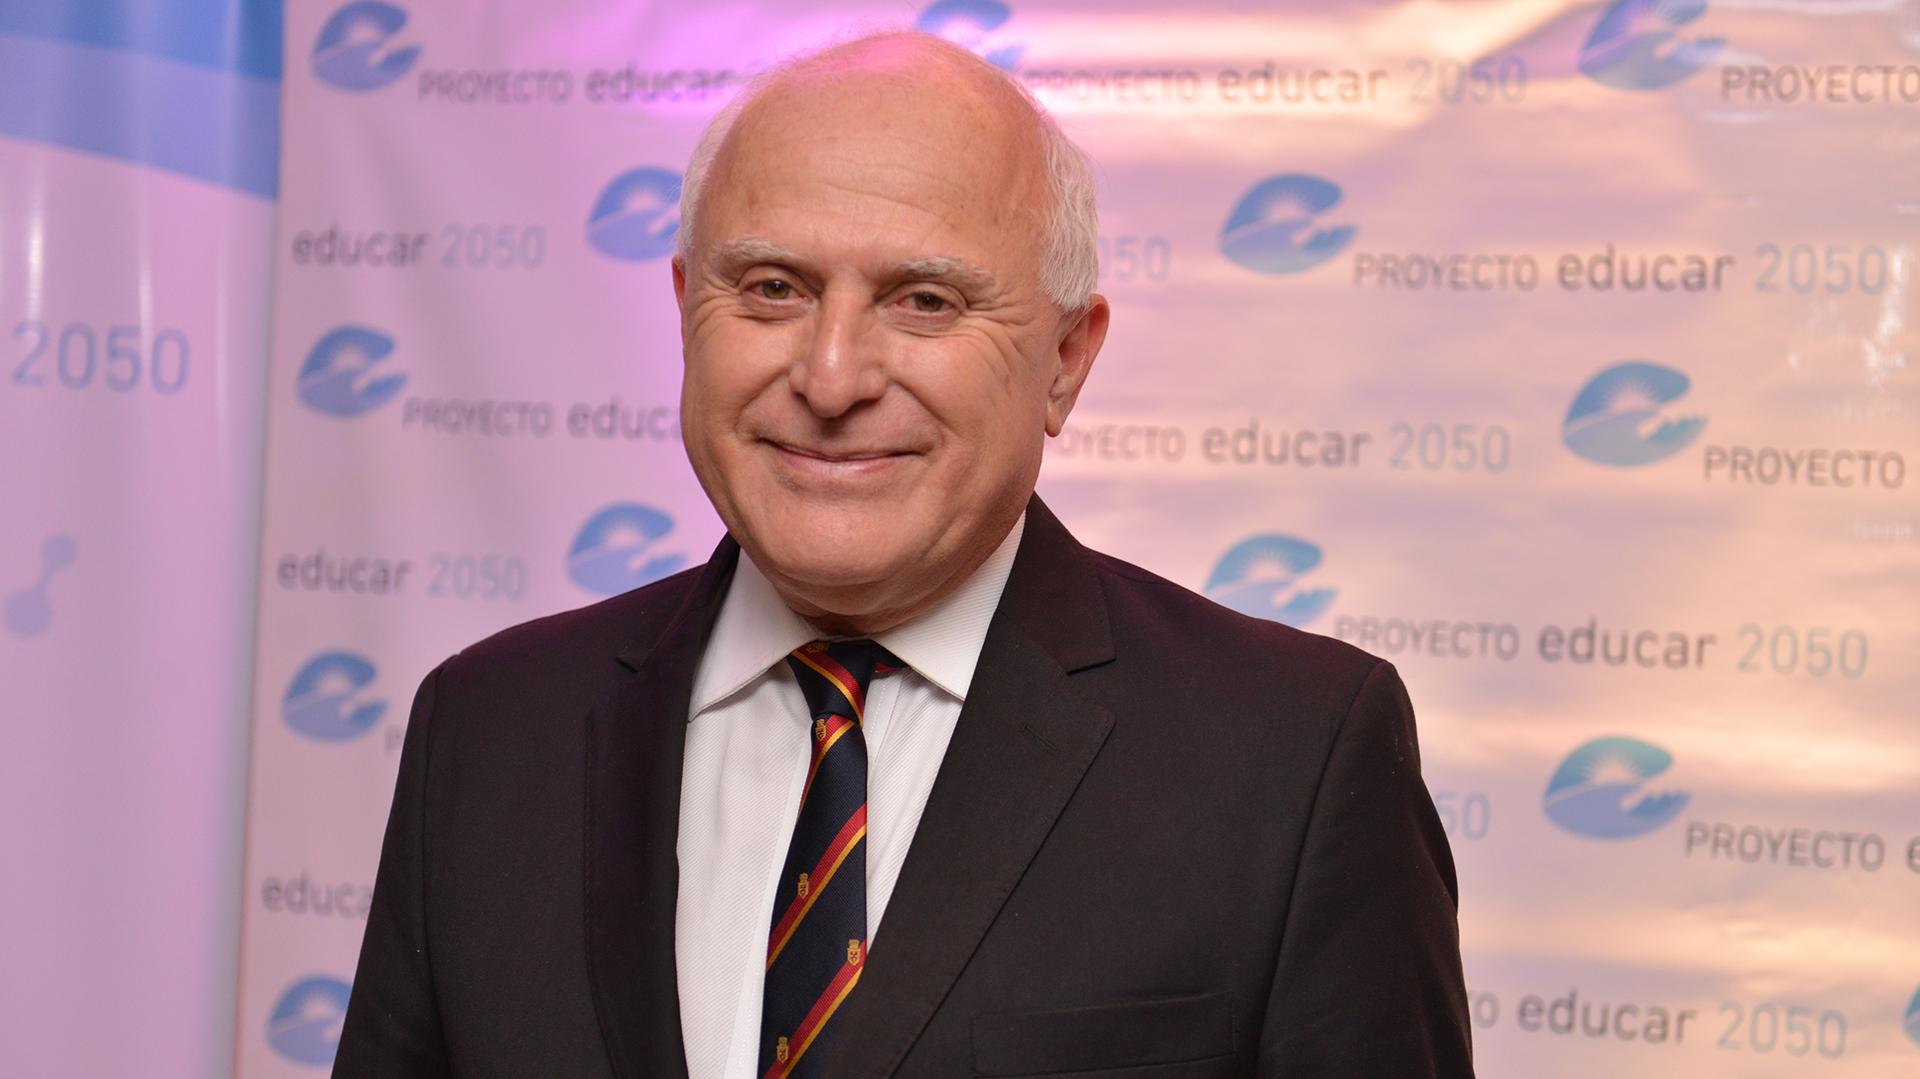 El gobernador de Santa Fe, Miguel Lifschitz